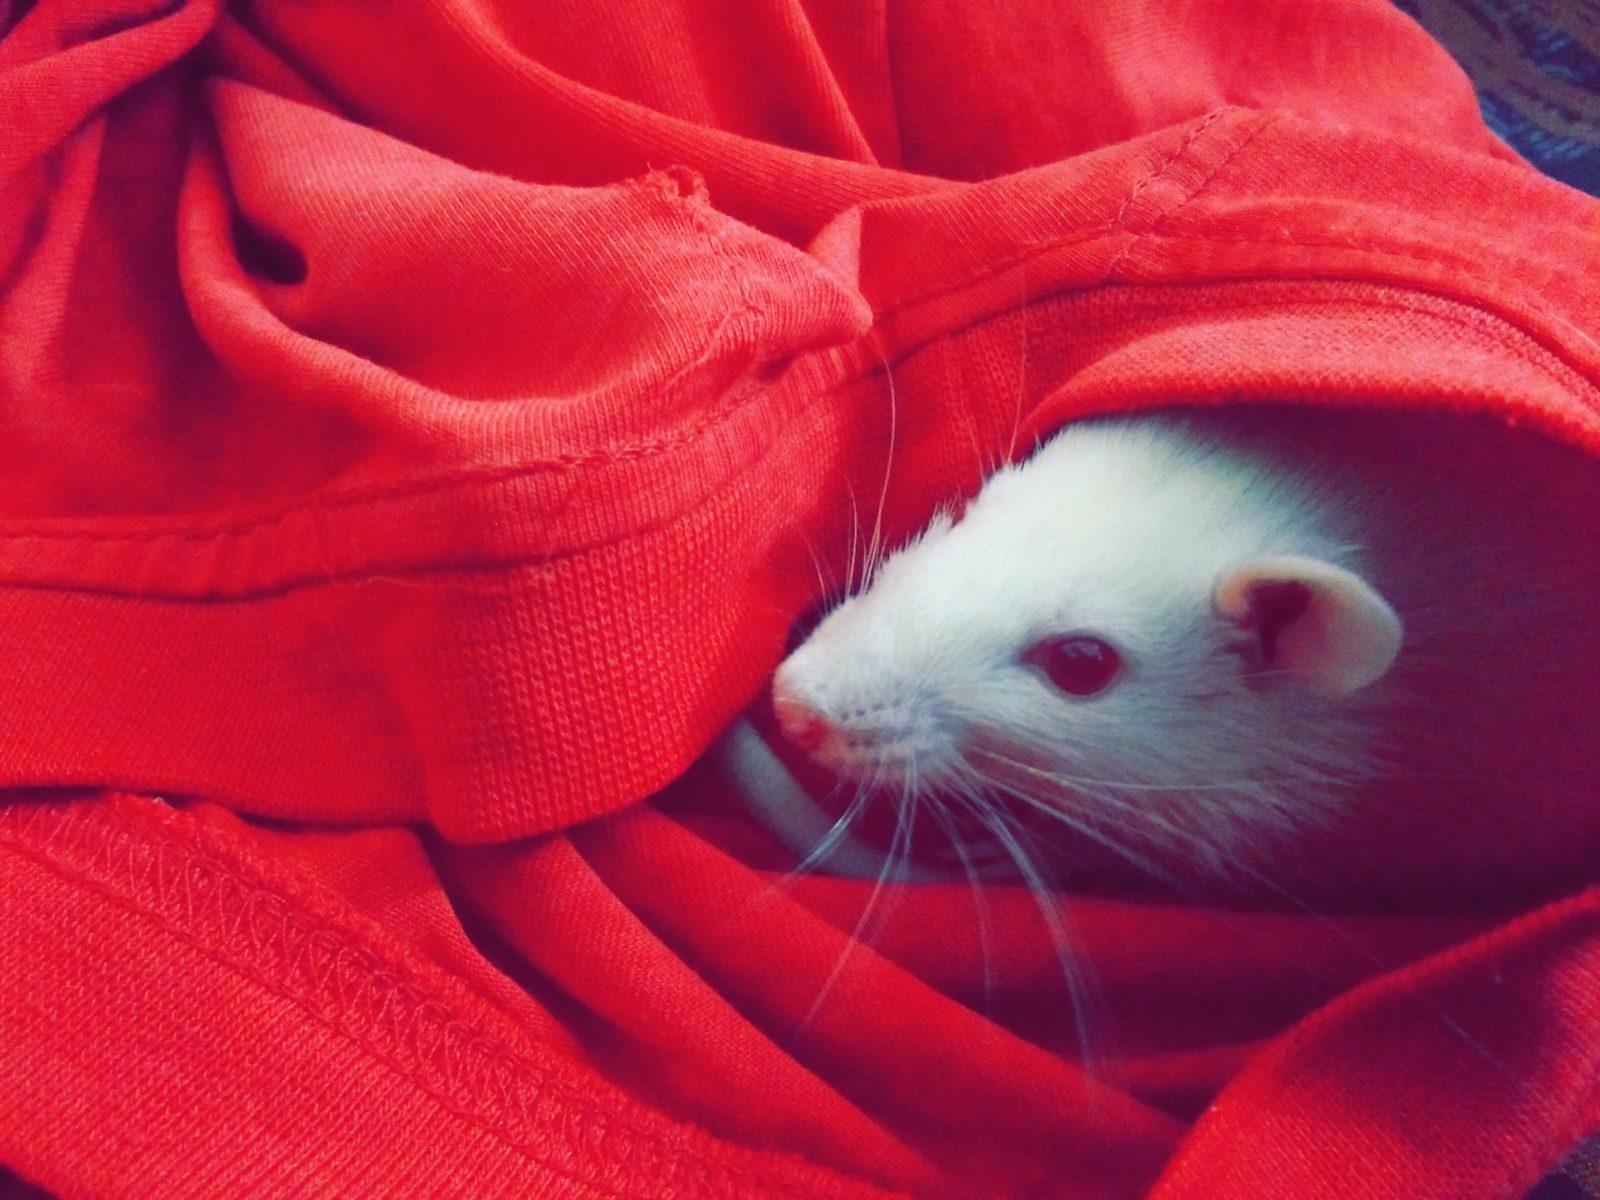 Sonhar com rato na cama é sinal de ambiente hostil.